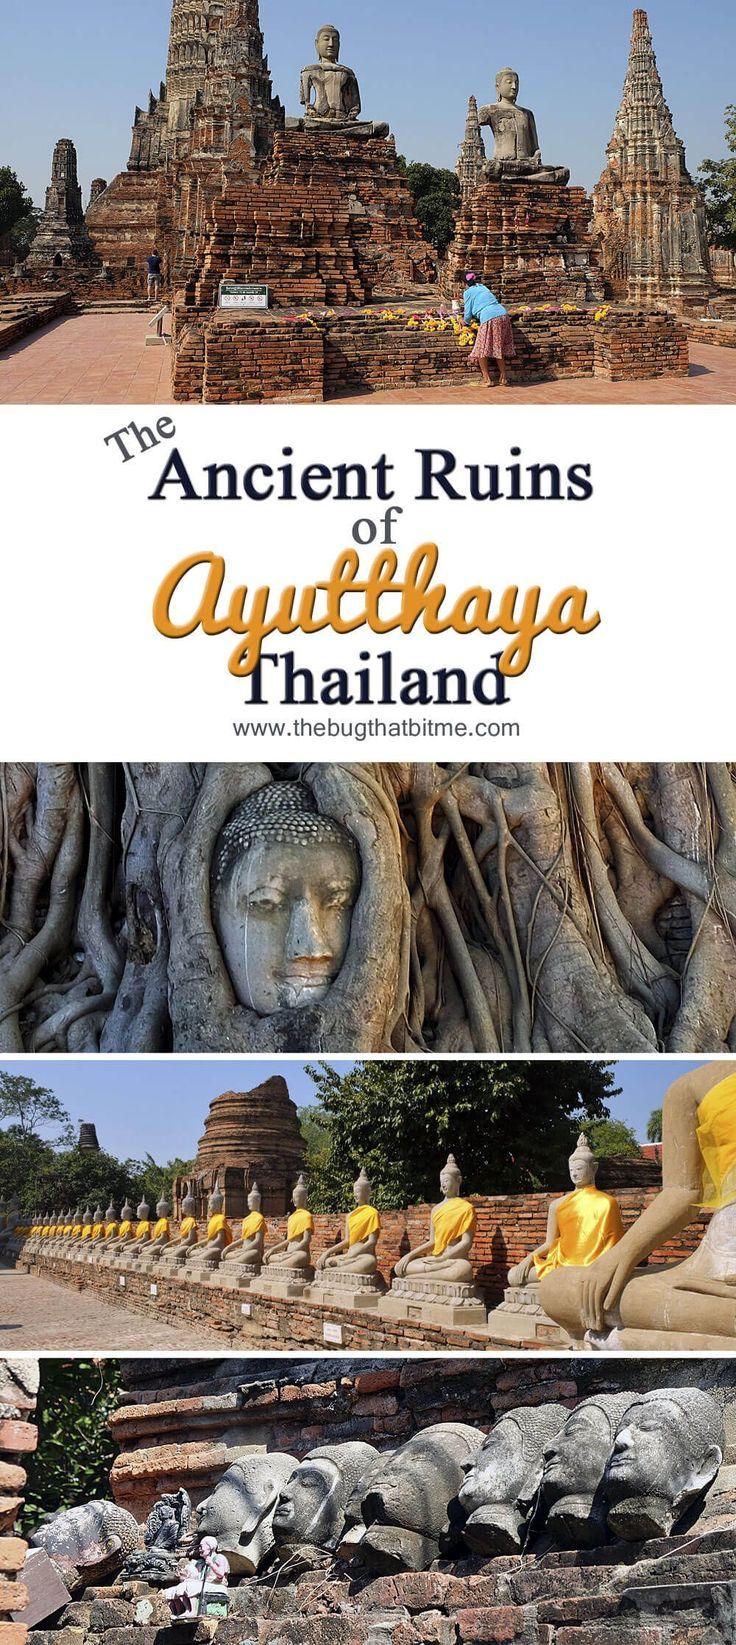 The Ancient Ruins of Ayutthaya, Thailand  #wanderlustwanderland www.wanderlustwanderland.com